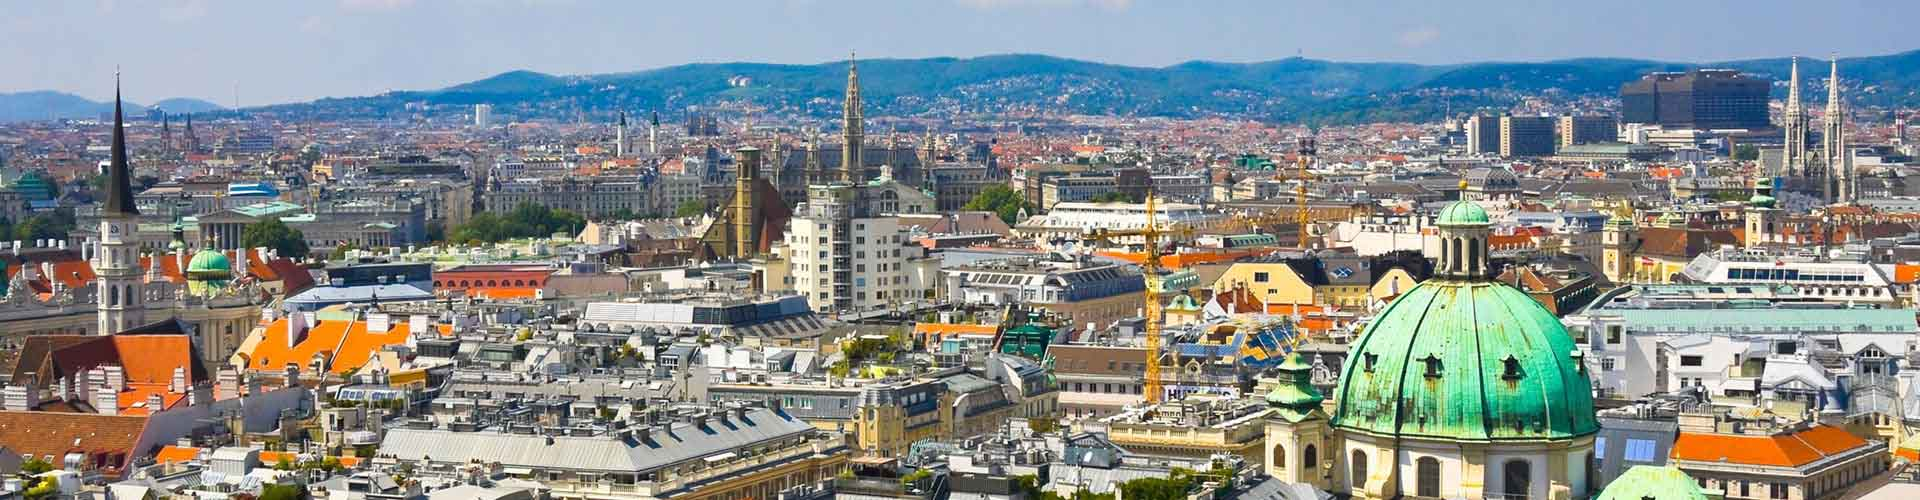 비엔나 - Sankt Veit 지구의 호스텔. 비엔나의 지도, 비엔나에 위치한 호스텔 사진 및 후기 정보.